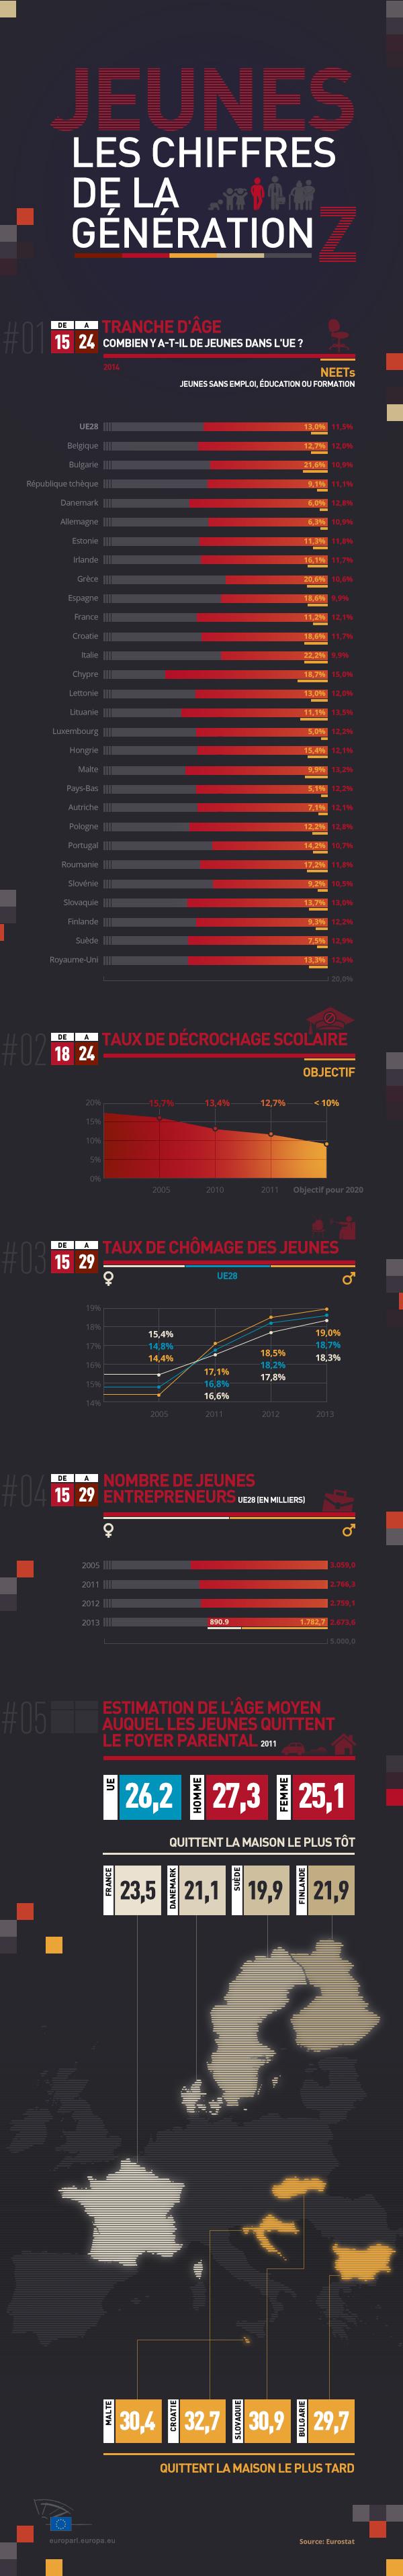 Infographie sur la jeunesse européenne